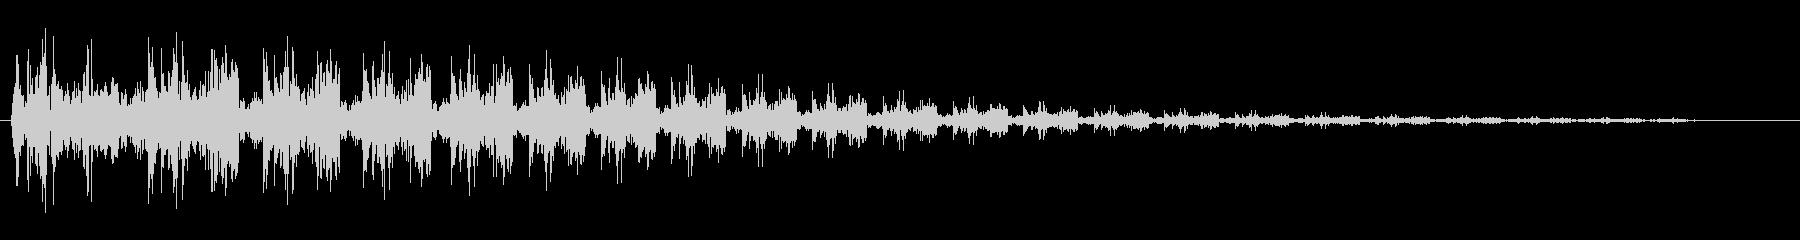 ビヨヨーン(ばねが跳ねるような音)の未再生の波形